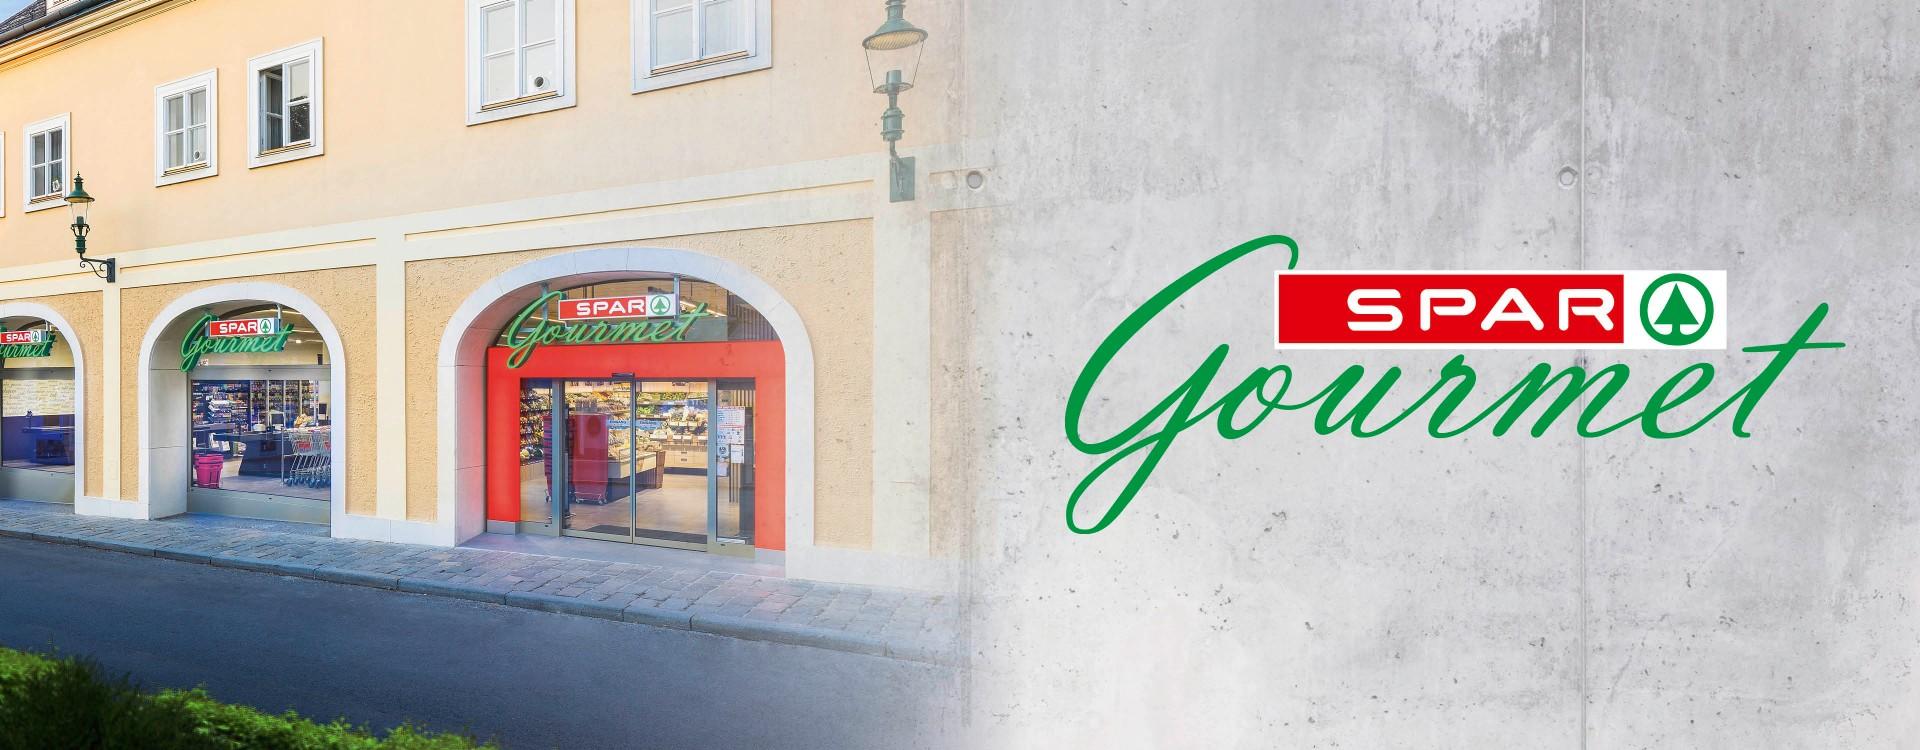 Spar Gourmet Märkte Spar Wien